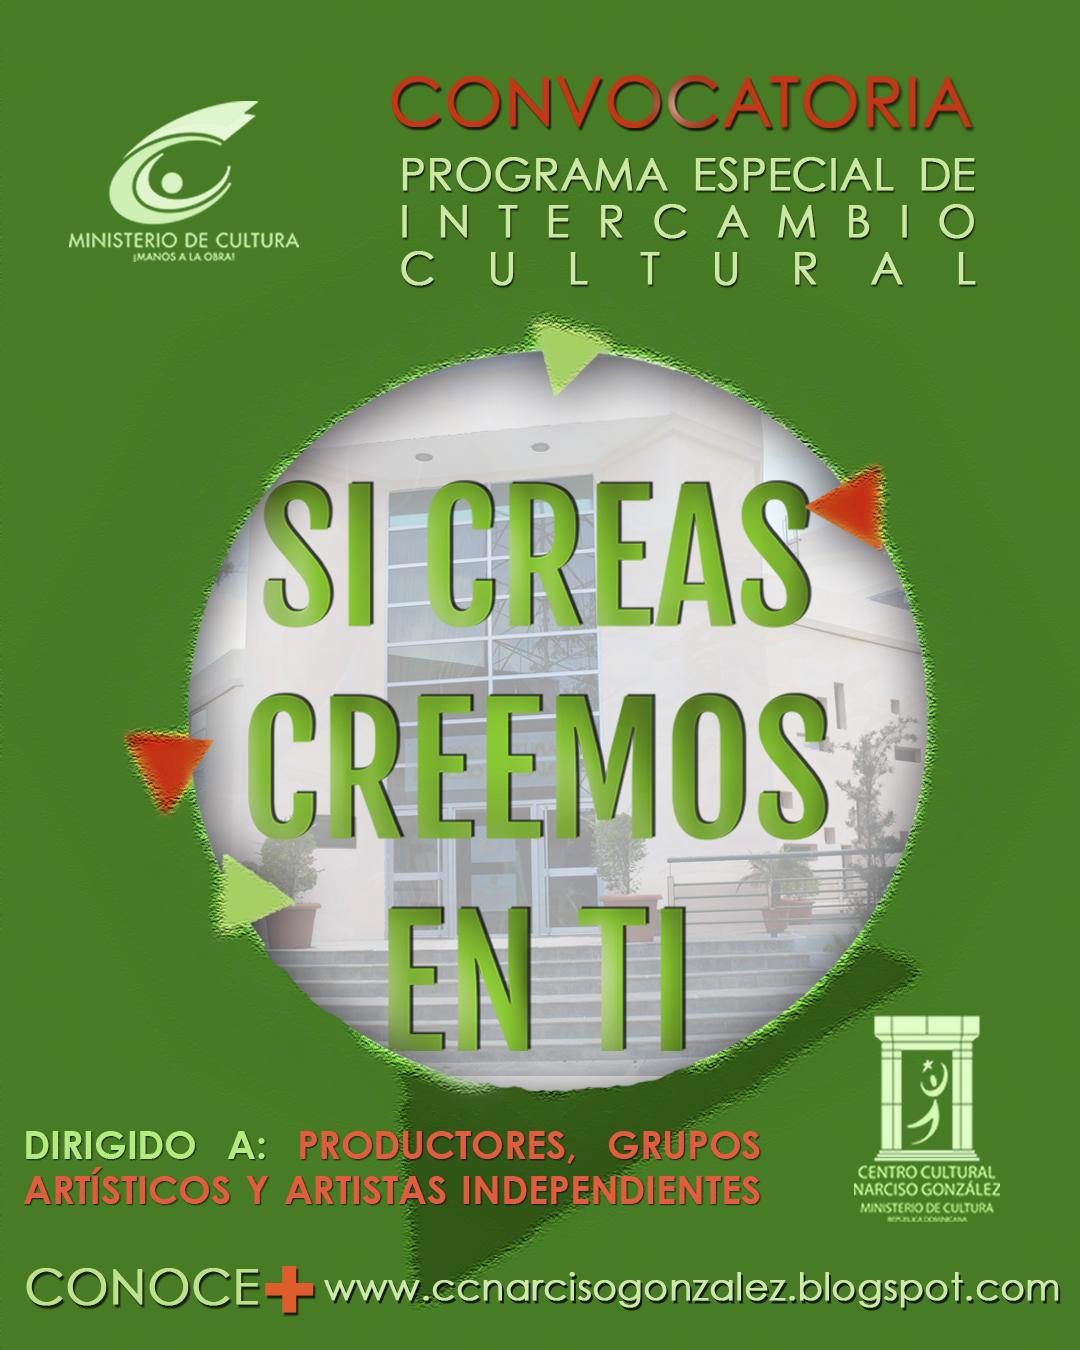 PROGRAMA ESPECIAL DE INTERCAMBIO